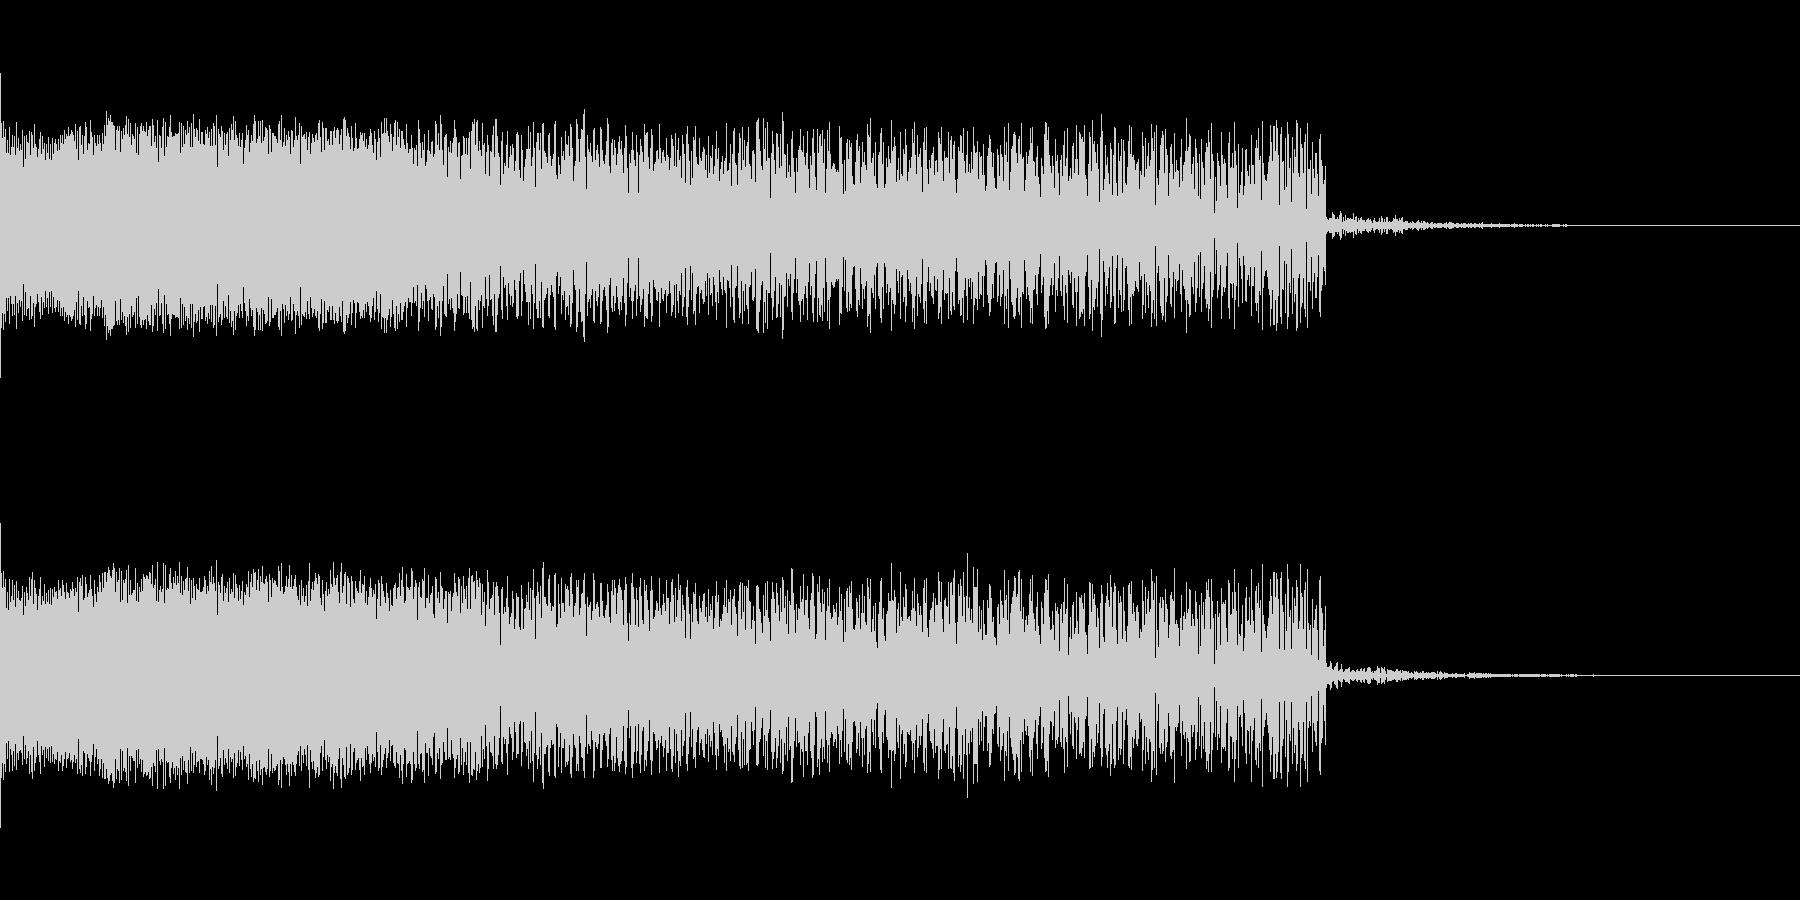 下降音 シンセ01 【4秒】の未再生の波形